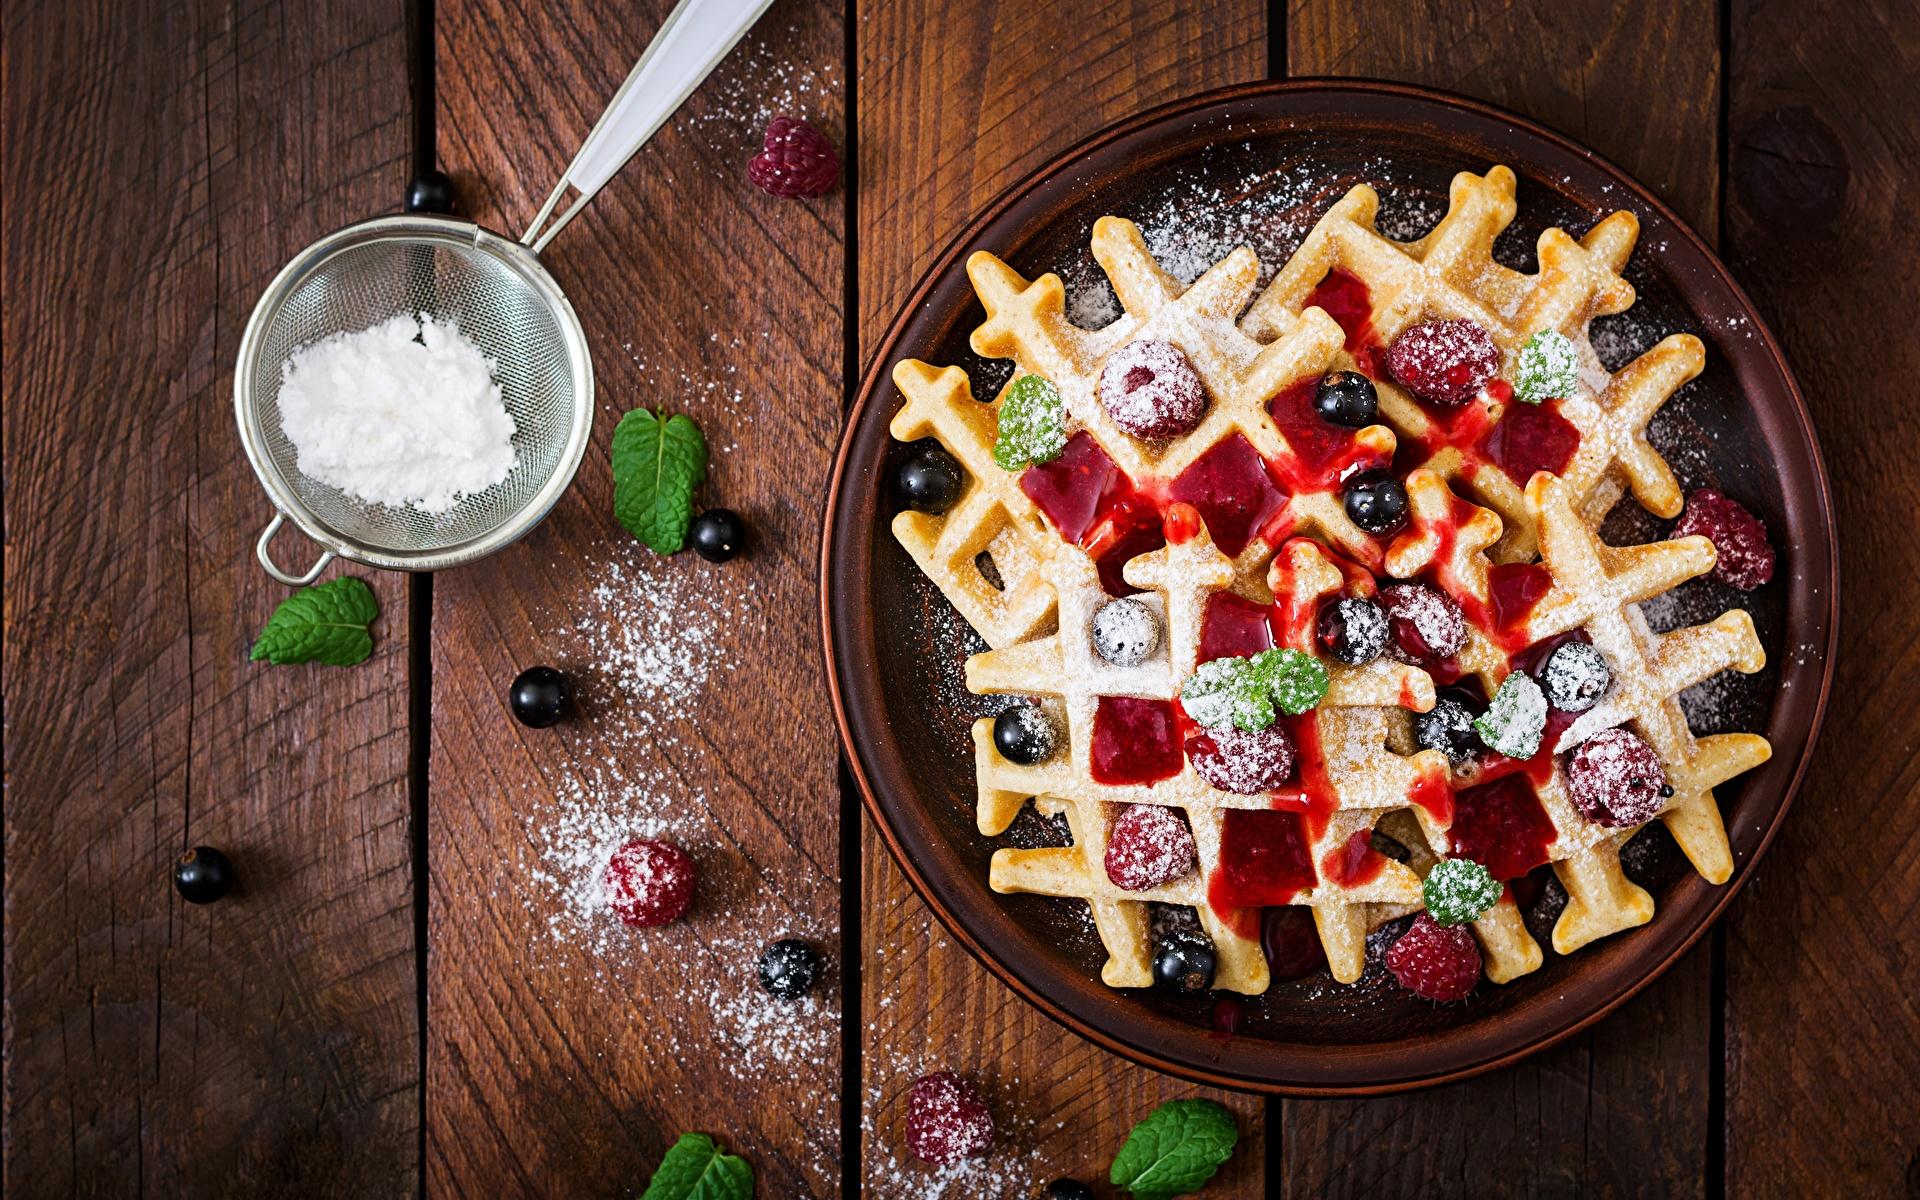 Картинки вафля Варенье Сахарная пудра Вишня Продукты питания Доски 1920x1200 Вафли джем Повидло Черешня Еда Пища